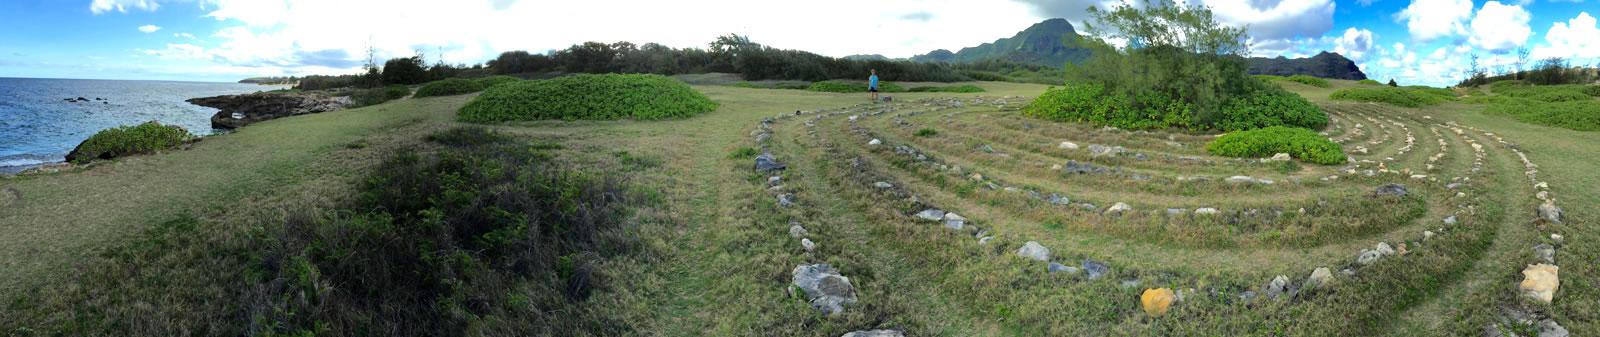 Kauai Labyrinth